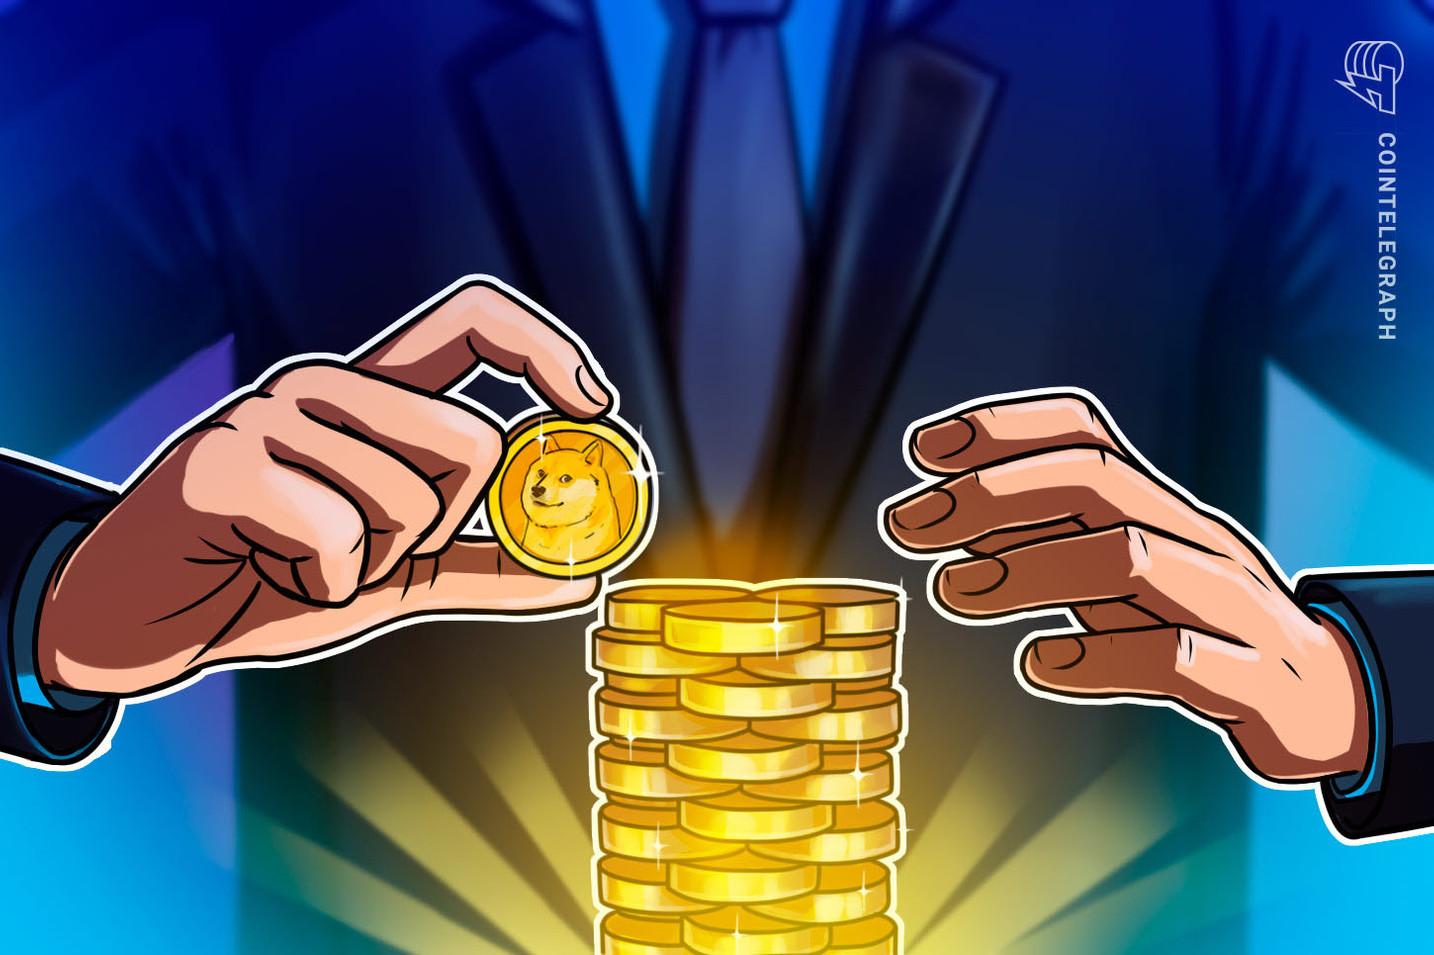 Dogecoin kļūst par 7. kriptovalūtu, kas pieņemta Coinbase Commerce